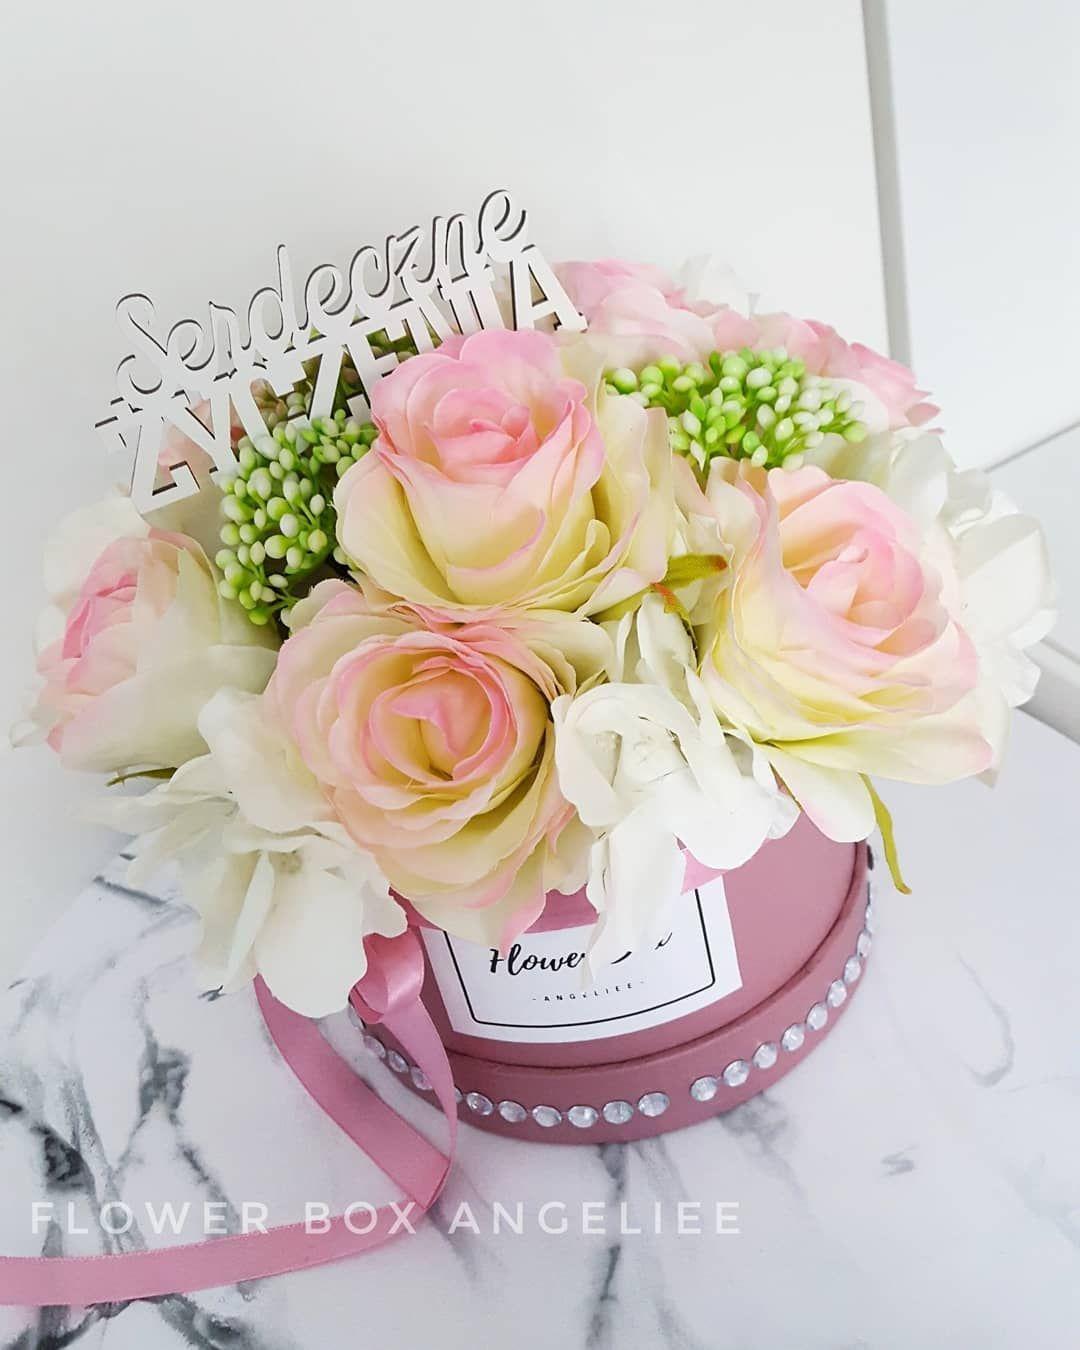 Serdeczne Zyczenia Piekny Bukiet Roz Z Hortensja Kwiaty Sztuczne Najwyzszej Jakosci Zapraszam 65zl Plu Flower Boxes Flowers Table Decorations